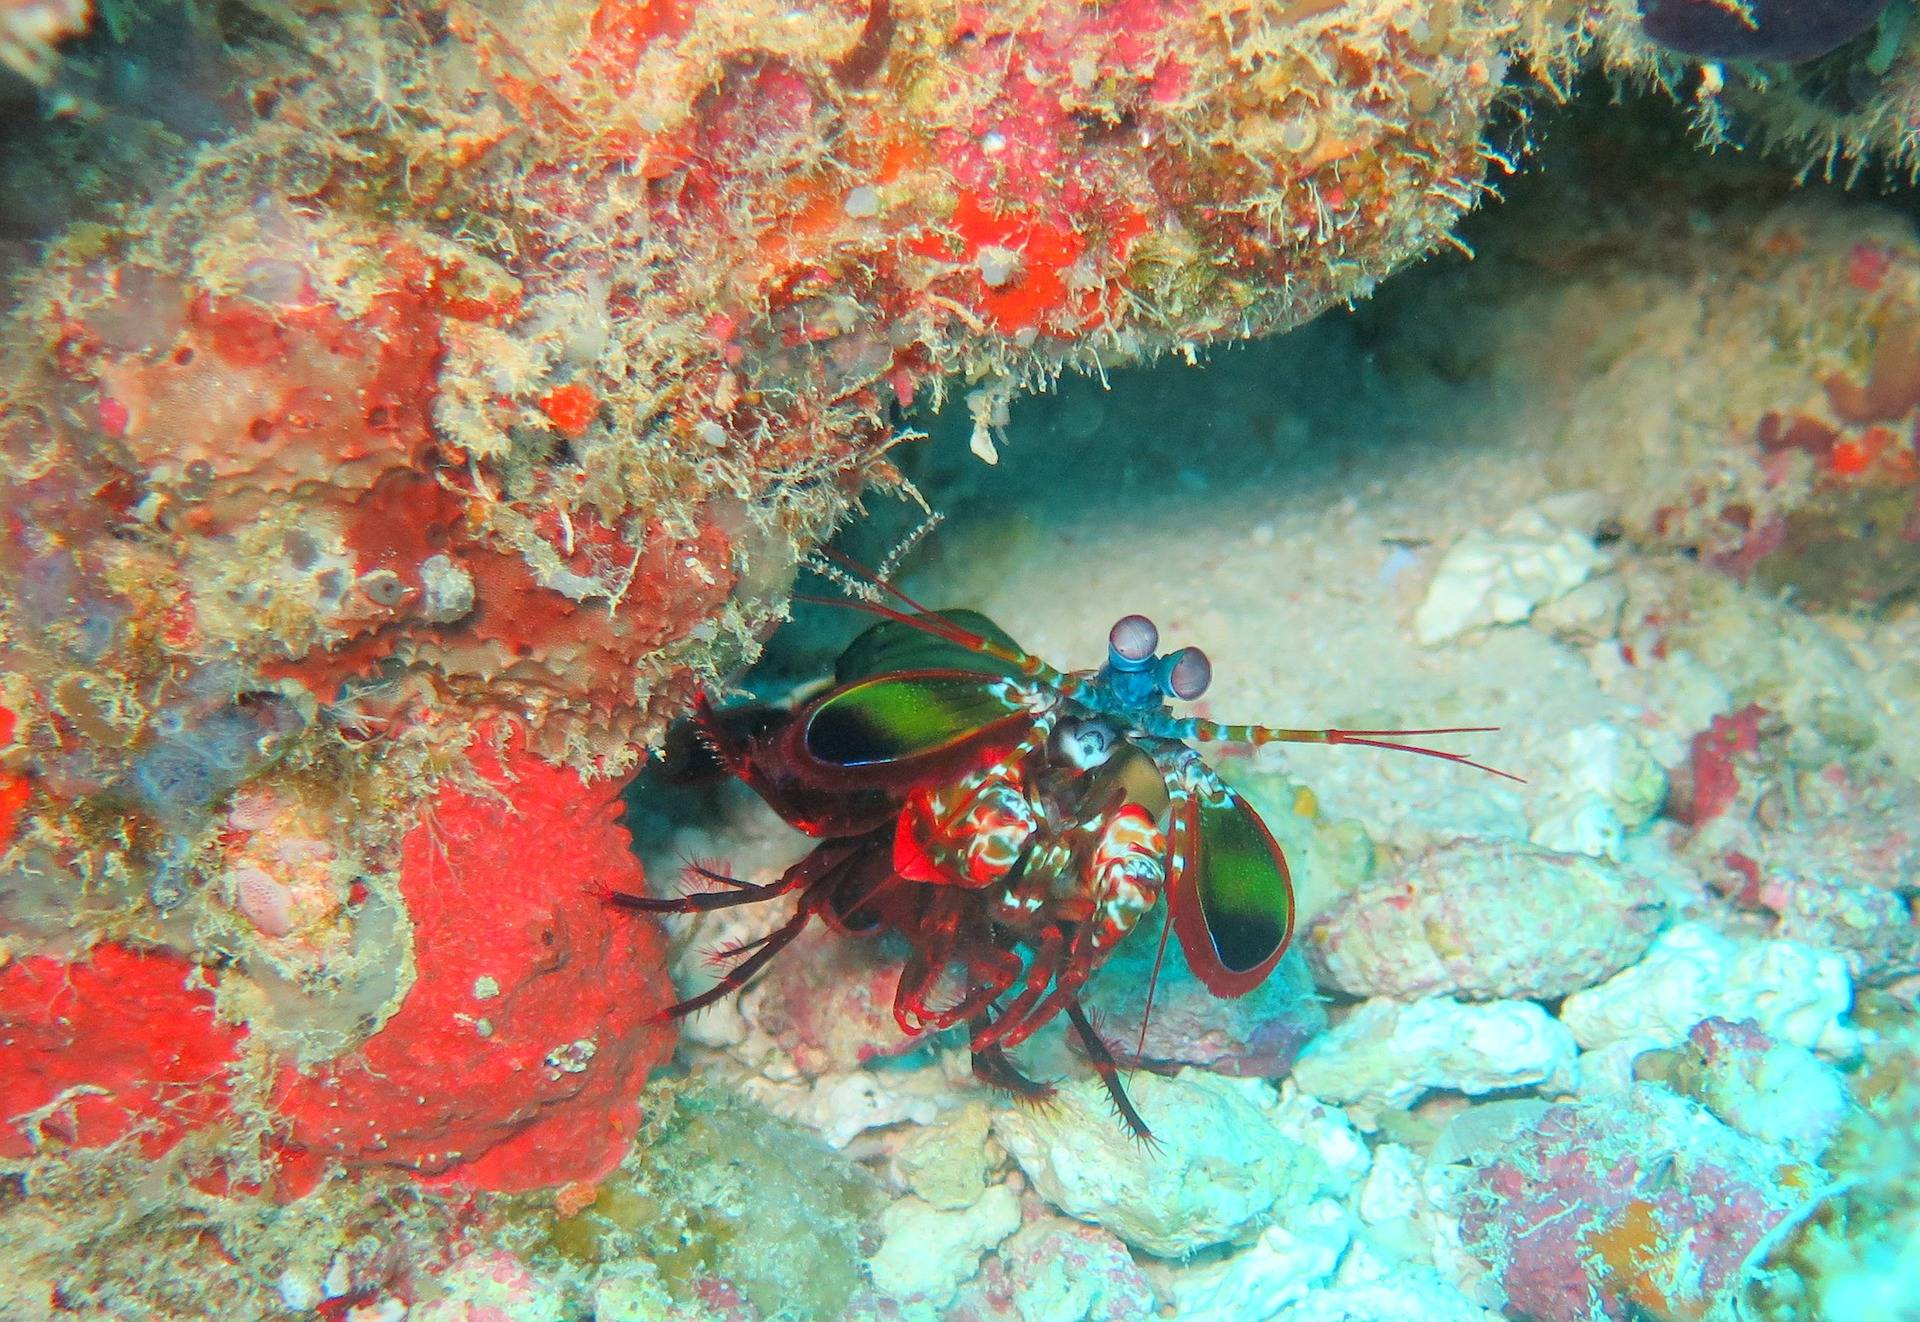 Mantis shrimp in the wild